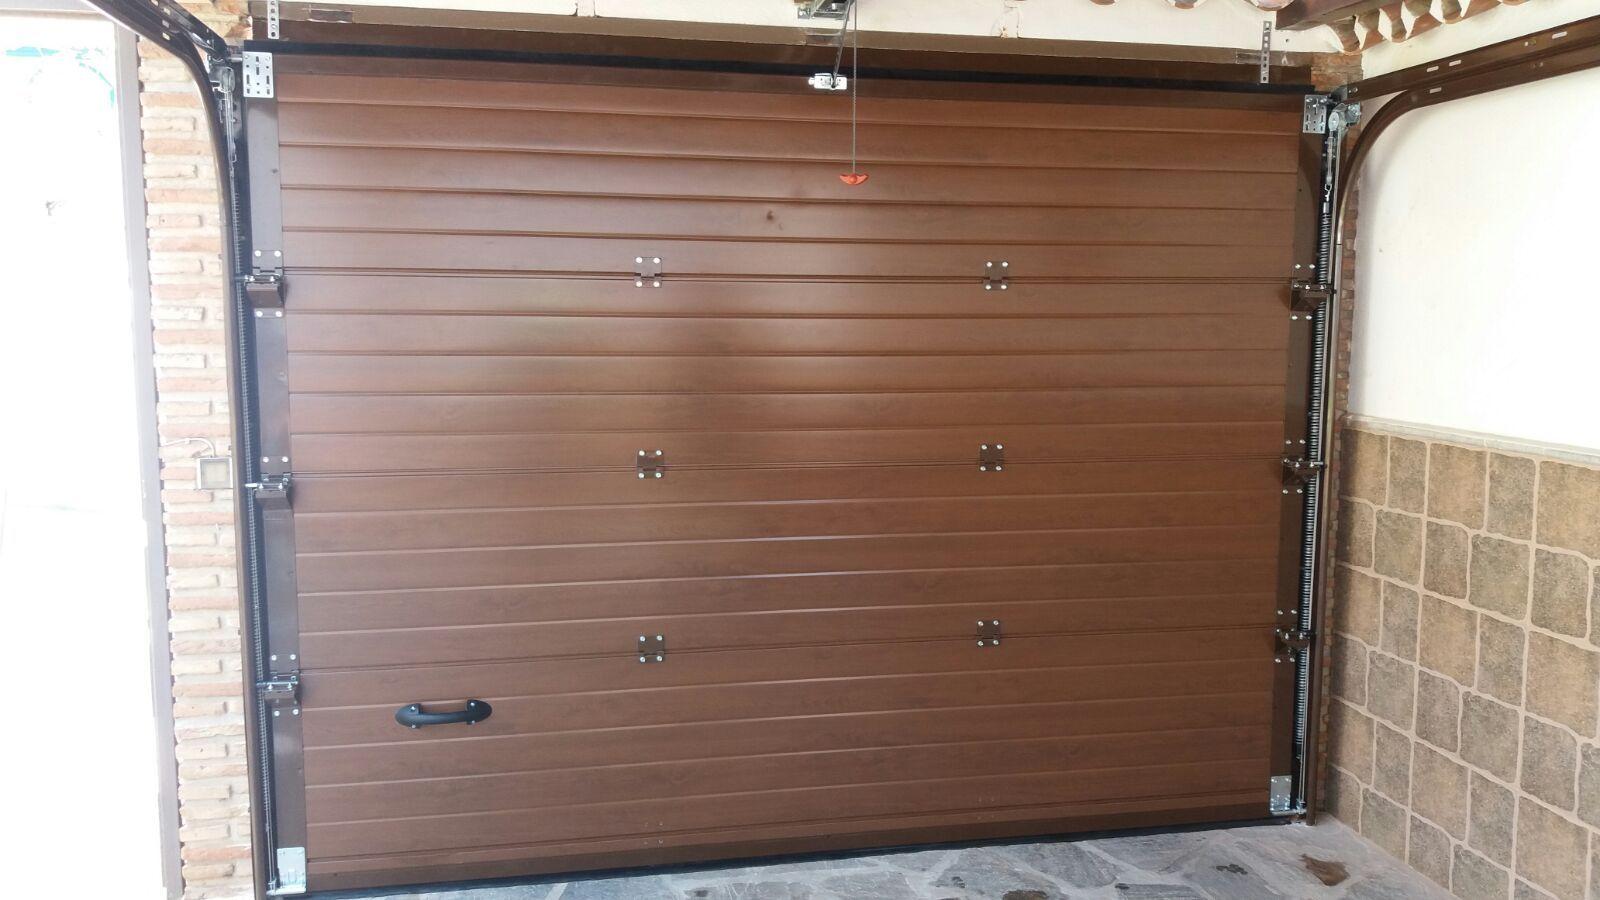 Puerta seccional de imitación madera cara interior